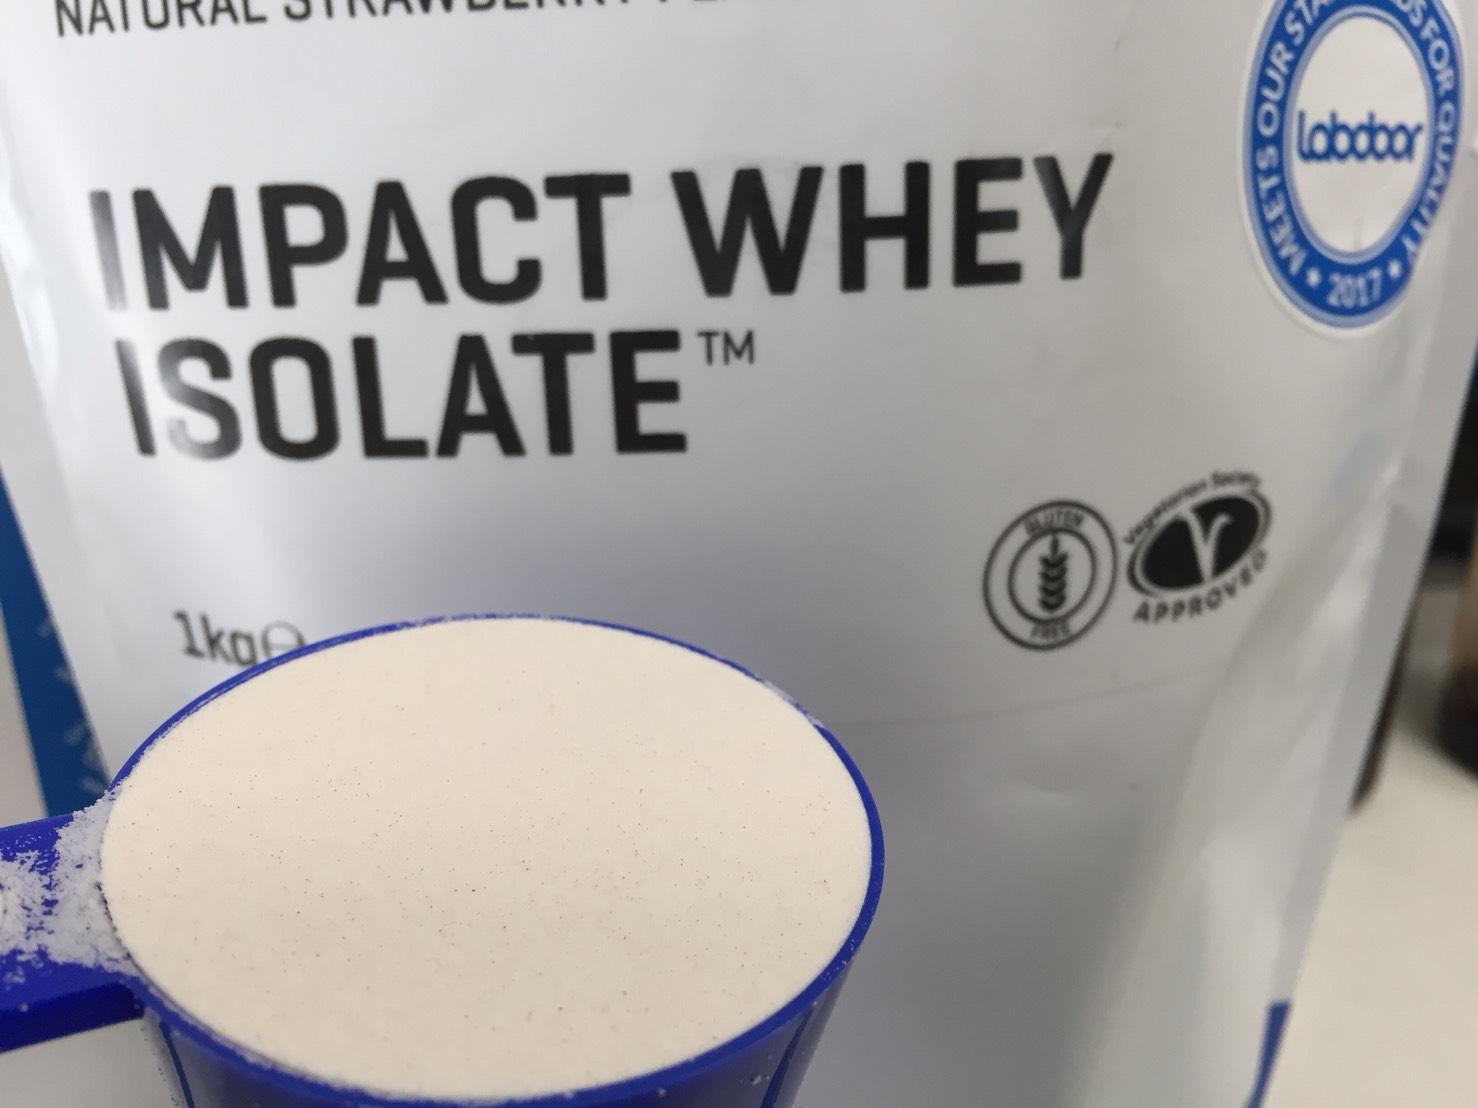 【WPI】IMPACT 分離ホエイプロテイン (アイソレート)「NATURAL STRAWBERRY FLAVOUR(ナチュラルストロベリー味)」の様子